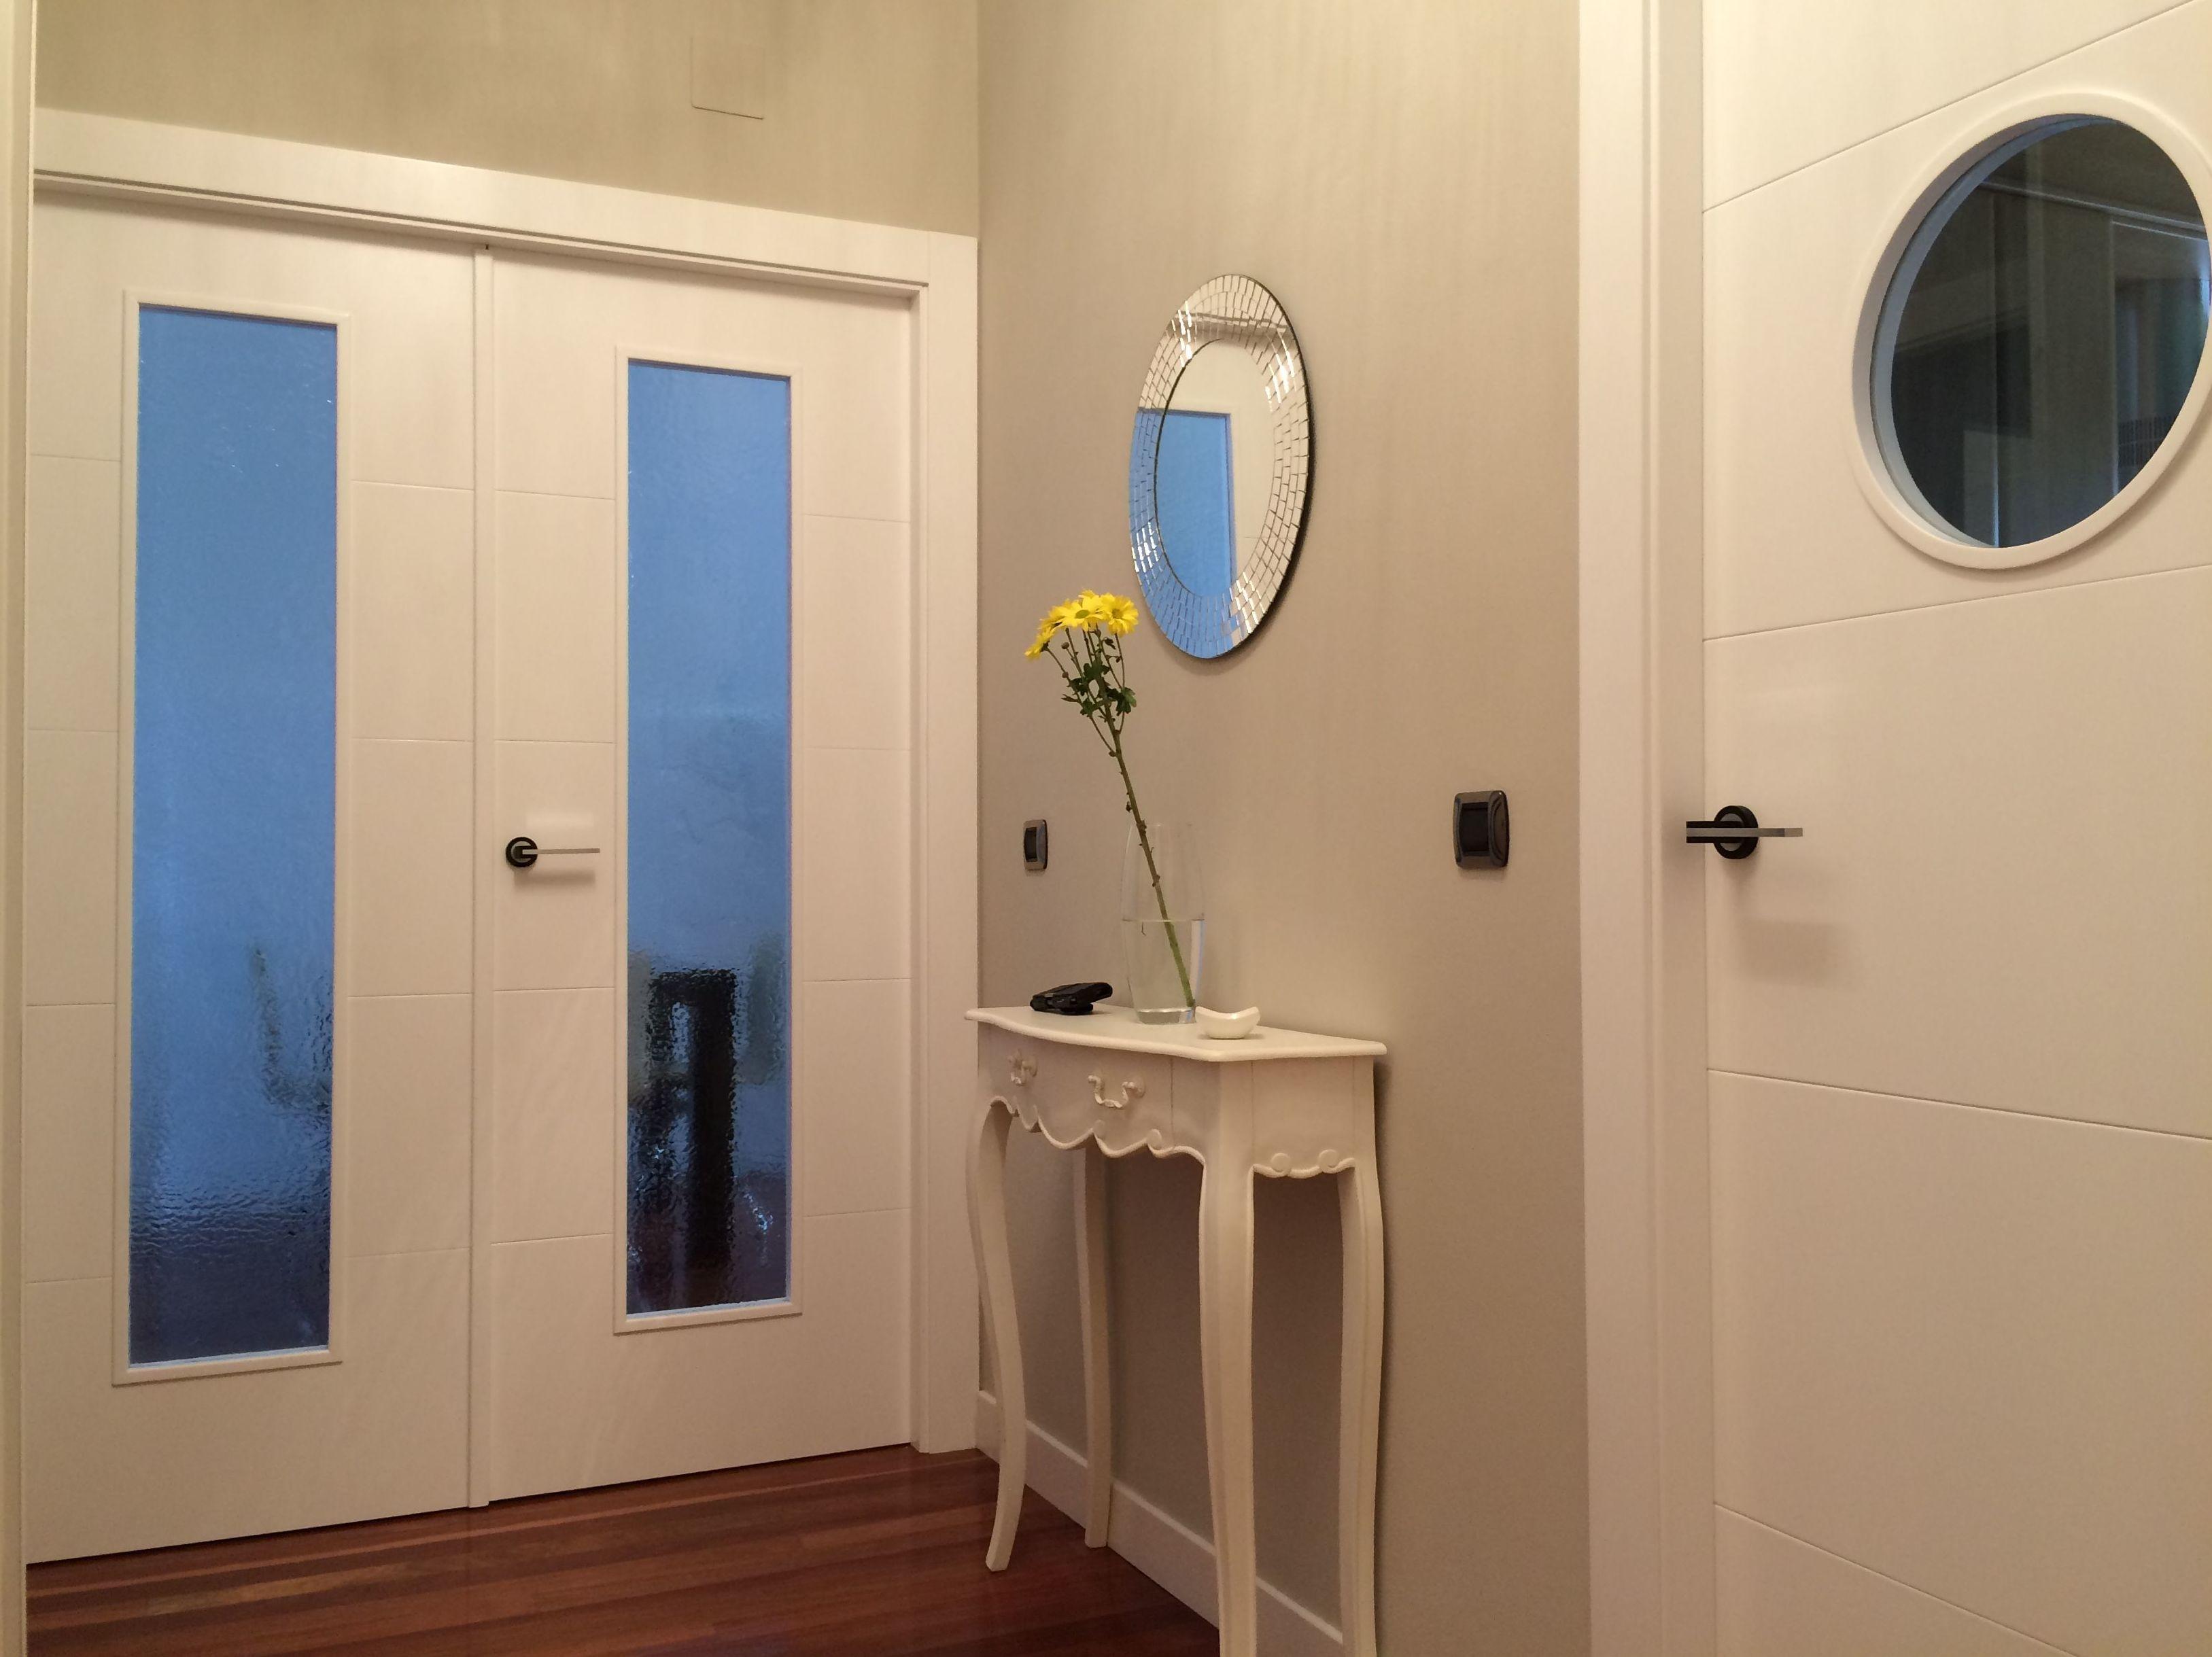 Foto 2 de armarios en ria o puertas y armarios videco - Puertas originales ...